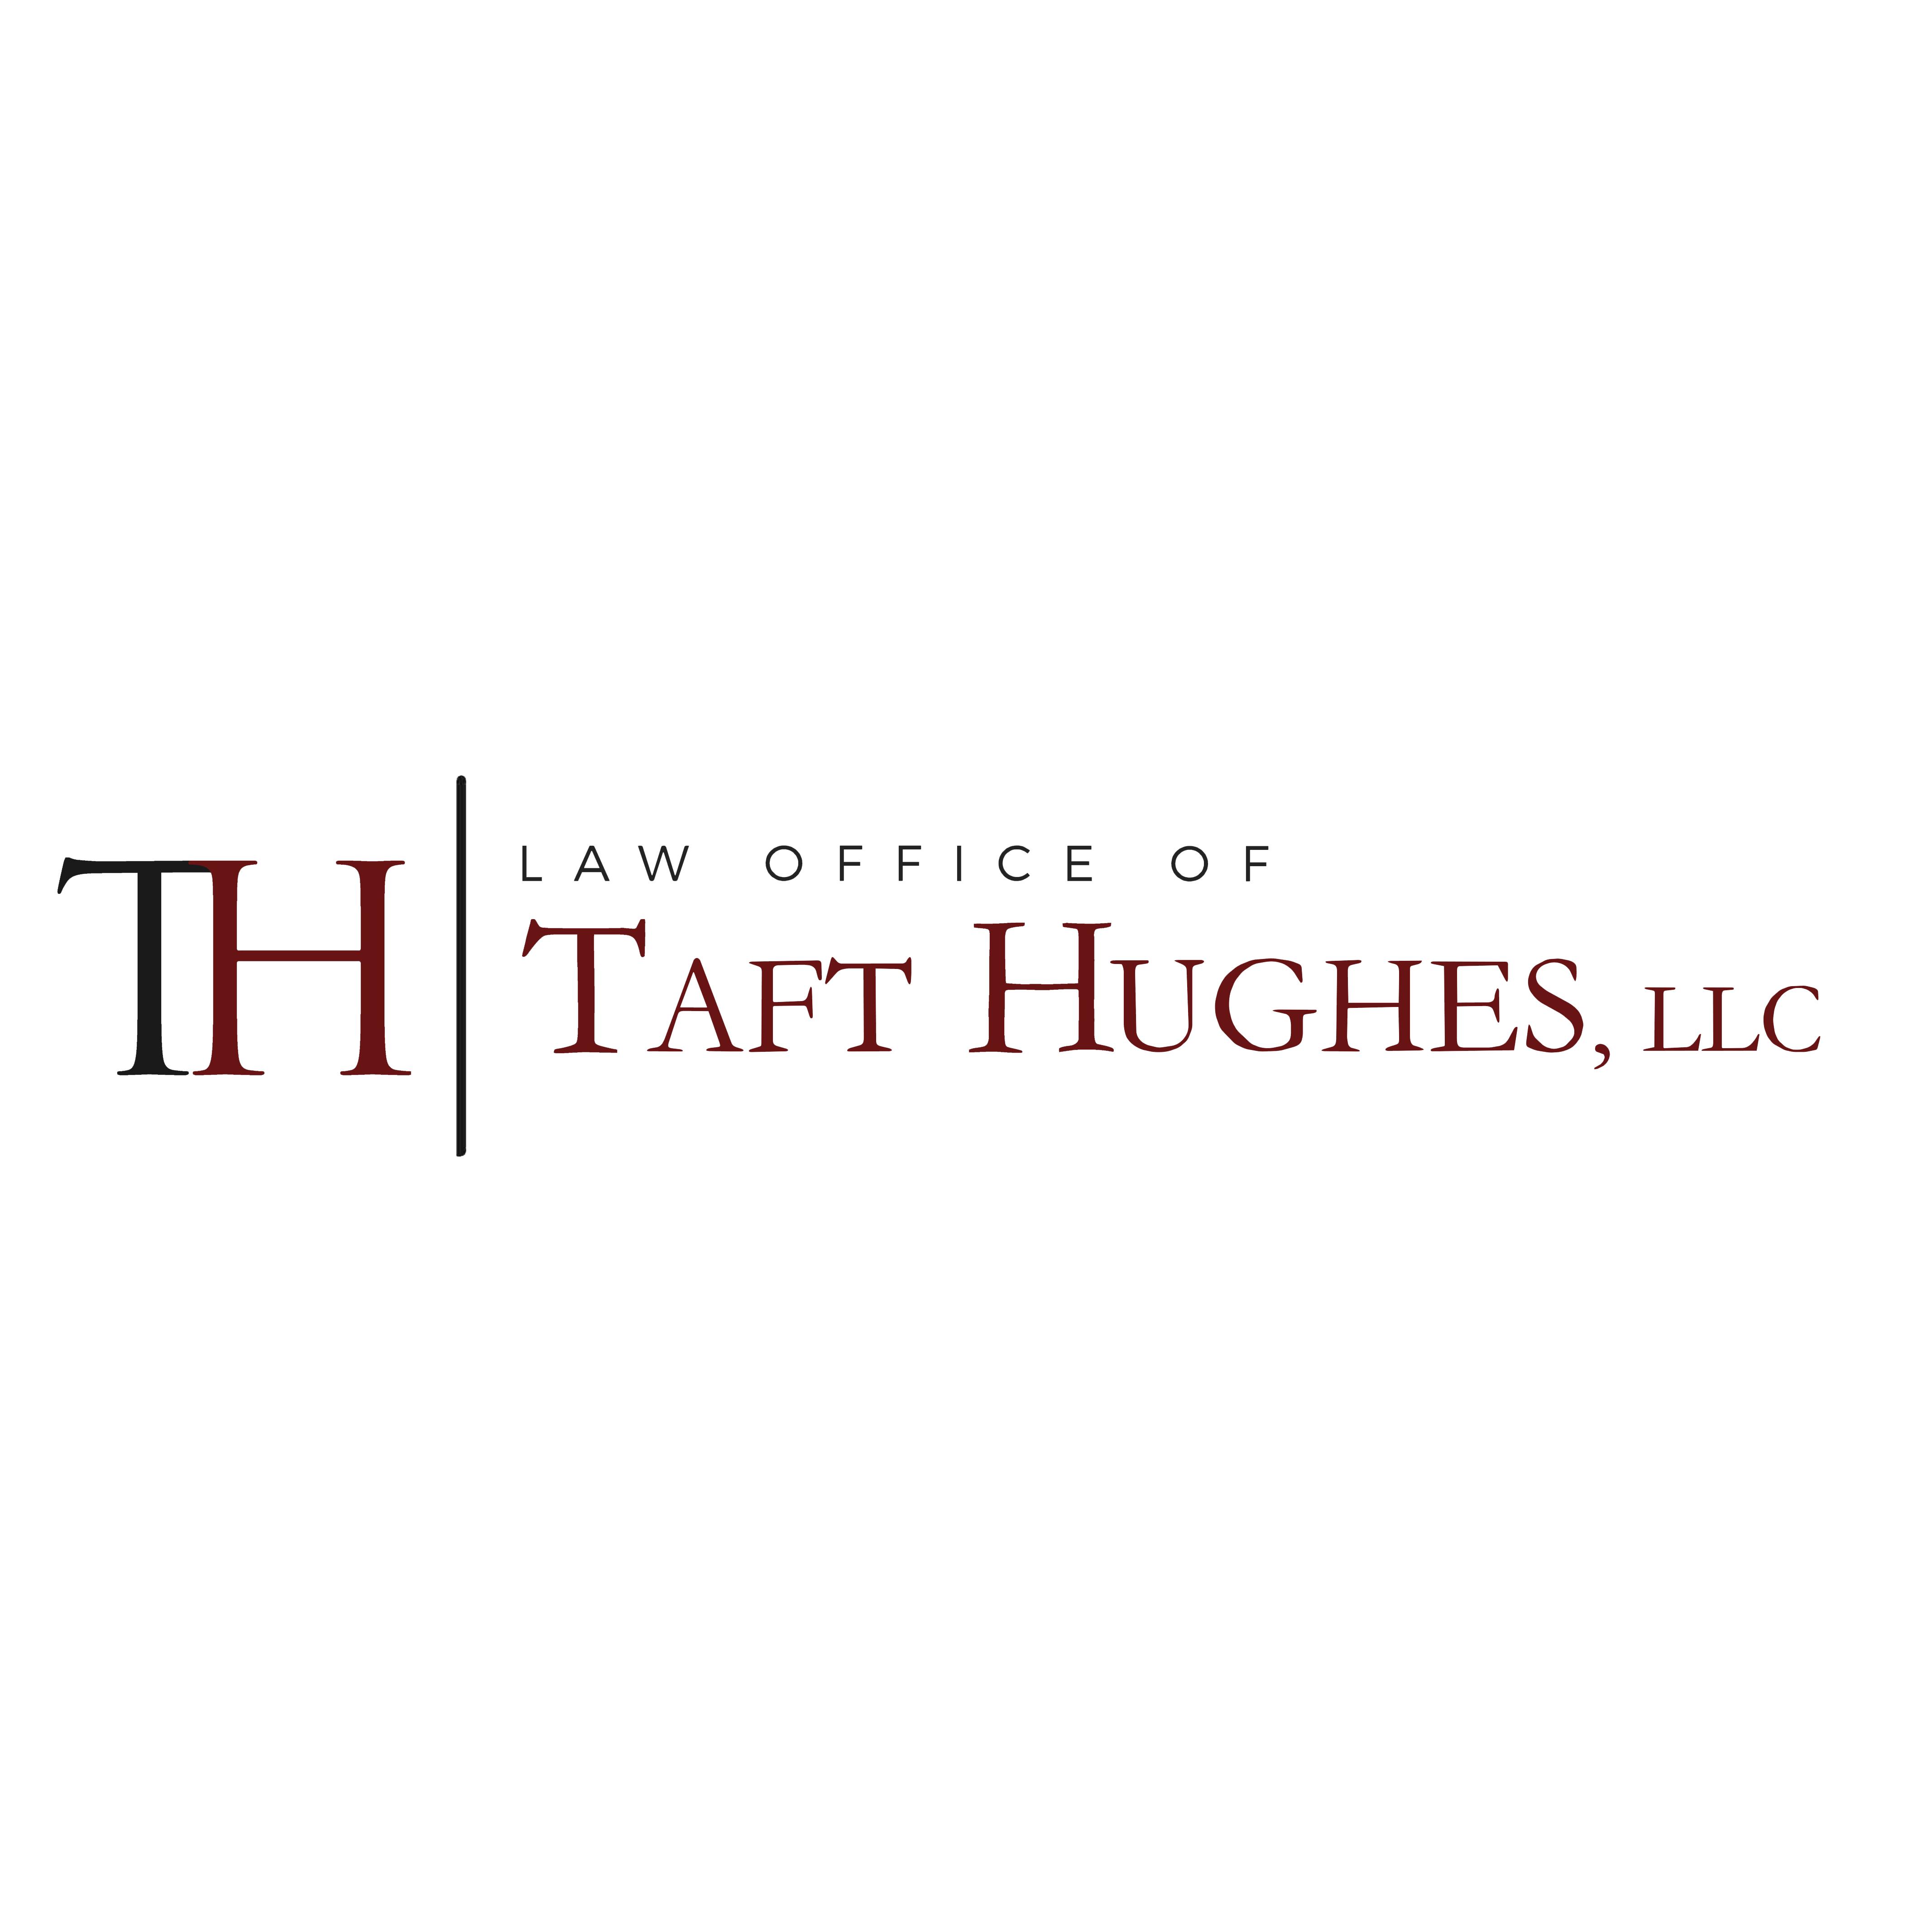 Law Office of Taft Hughes, LLC